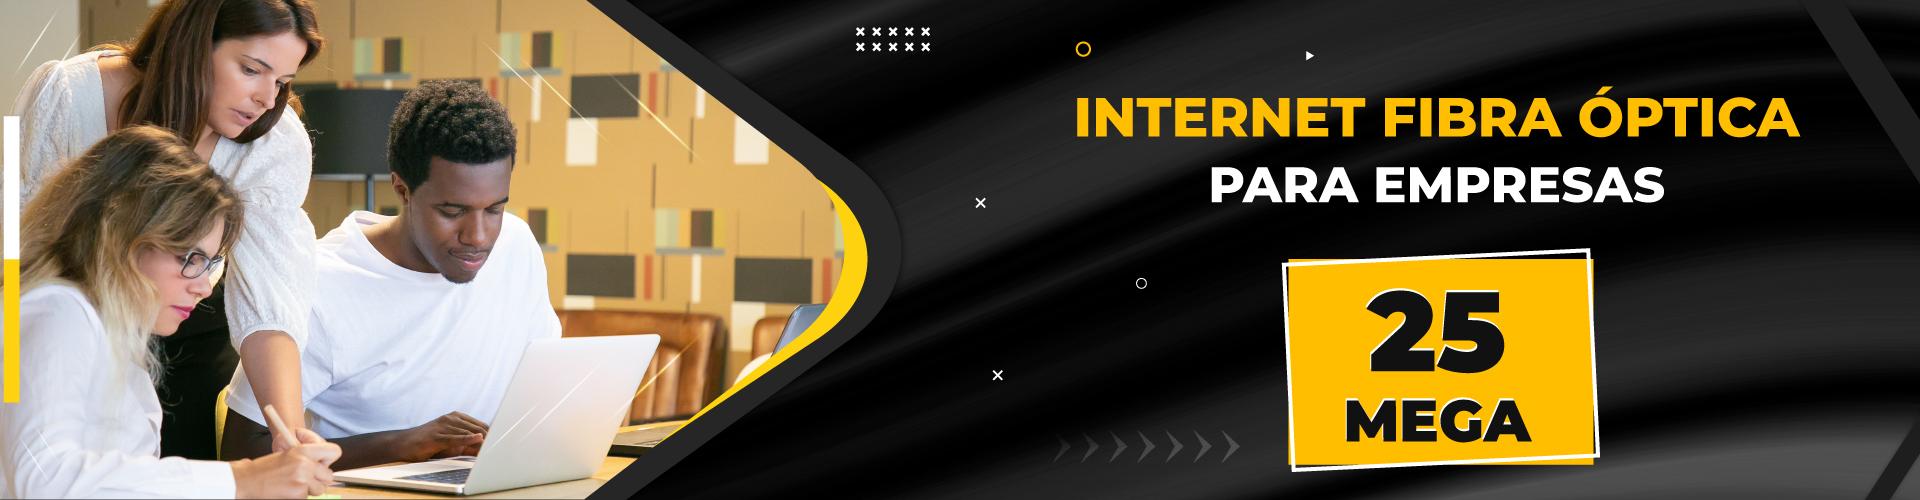 internet-fibra-optica-empresarial-25-mega